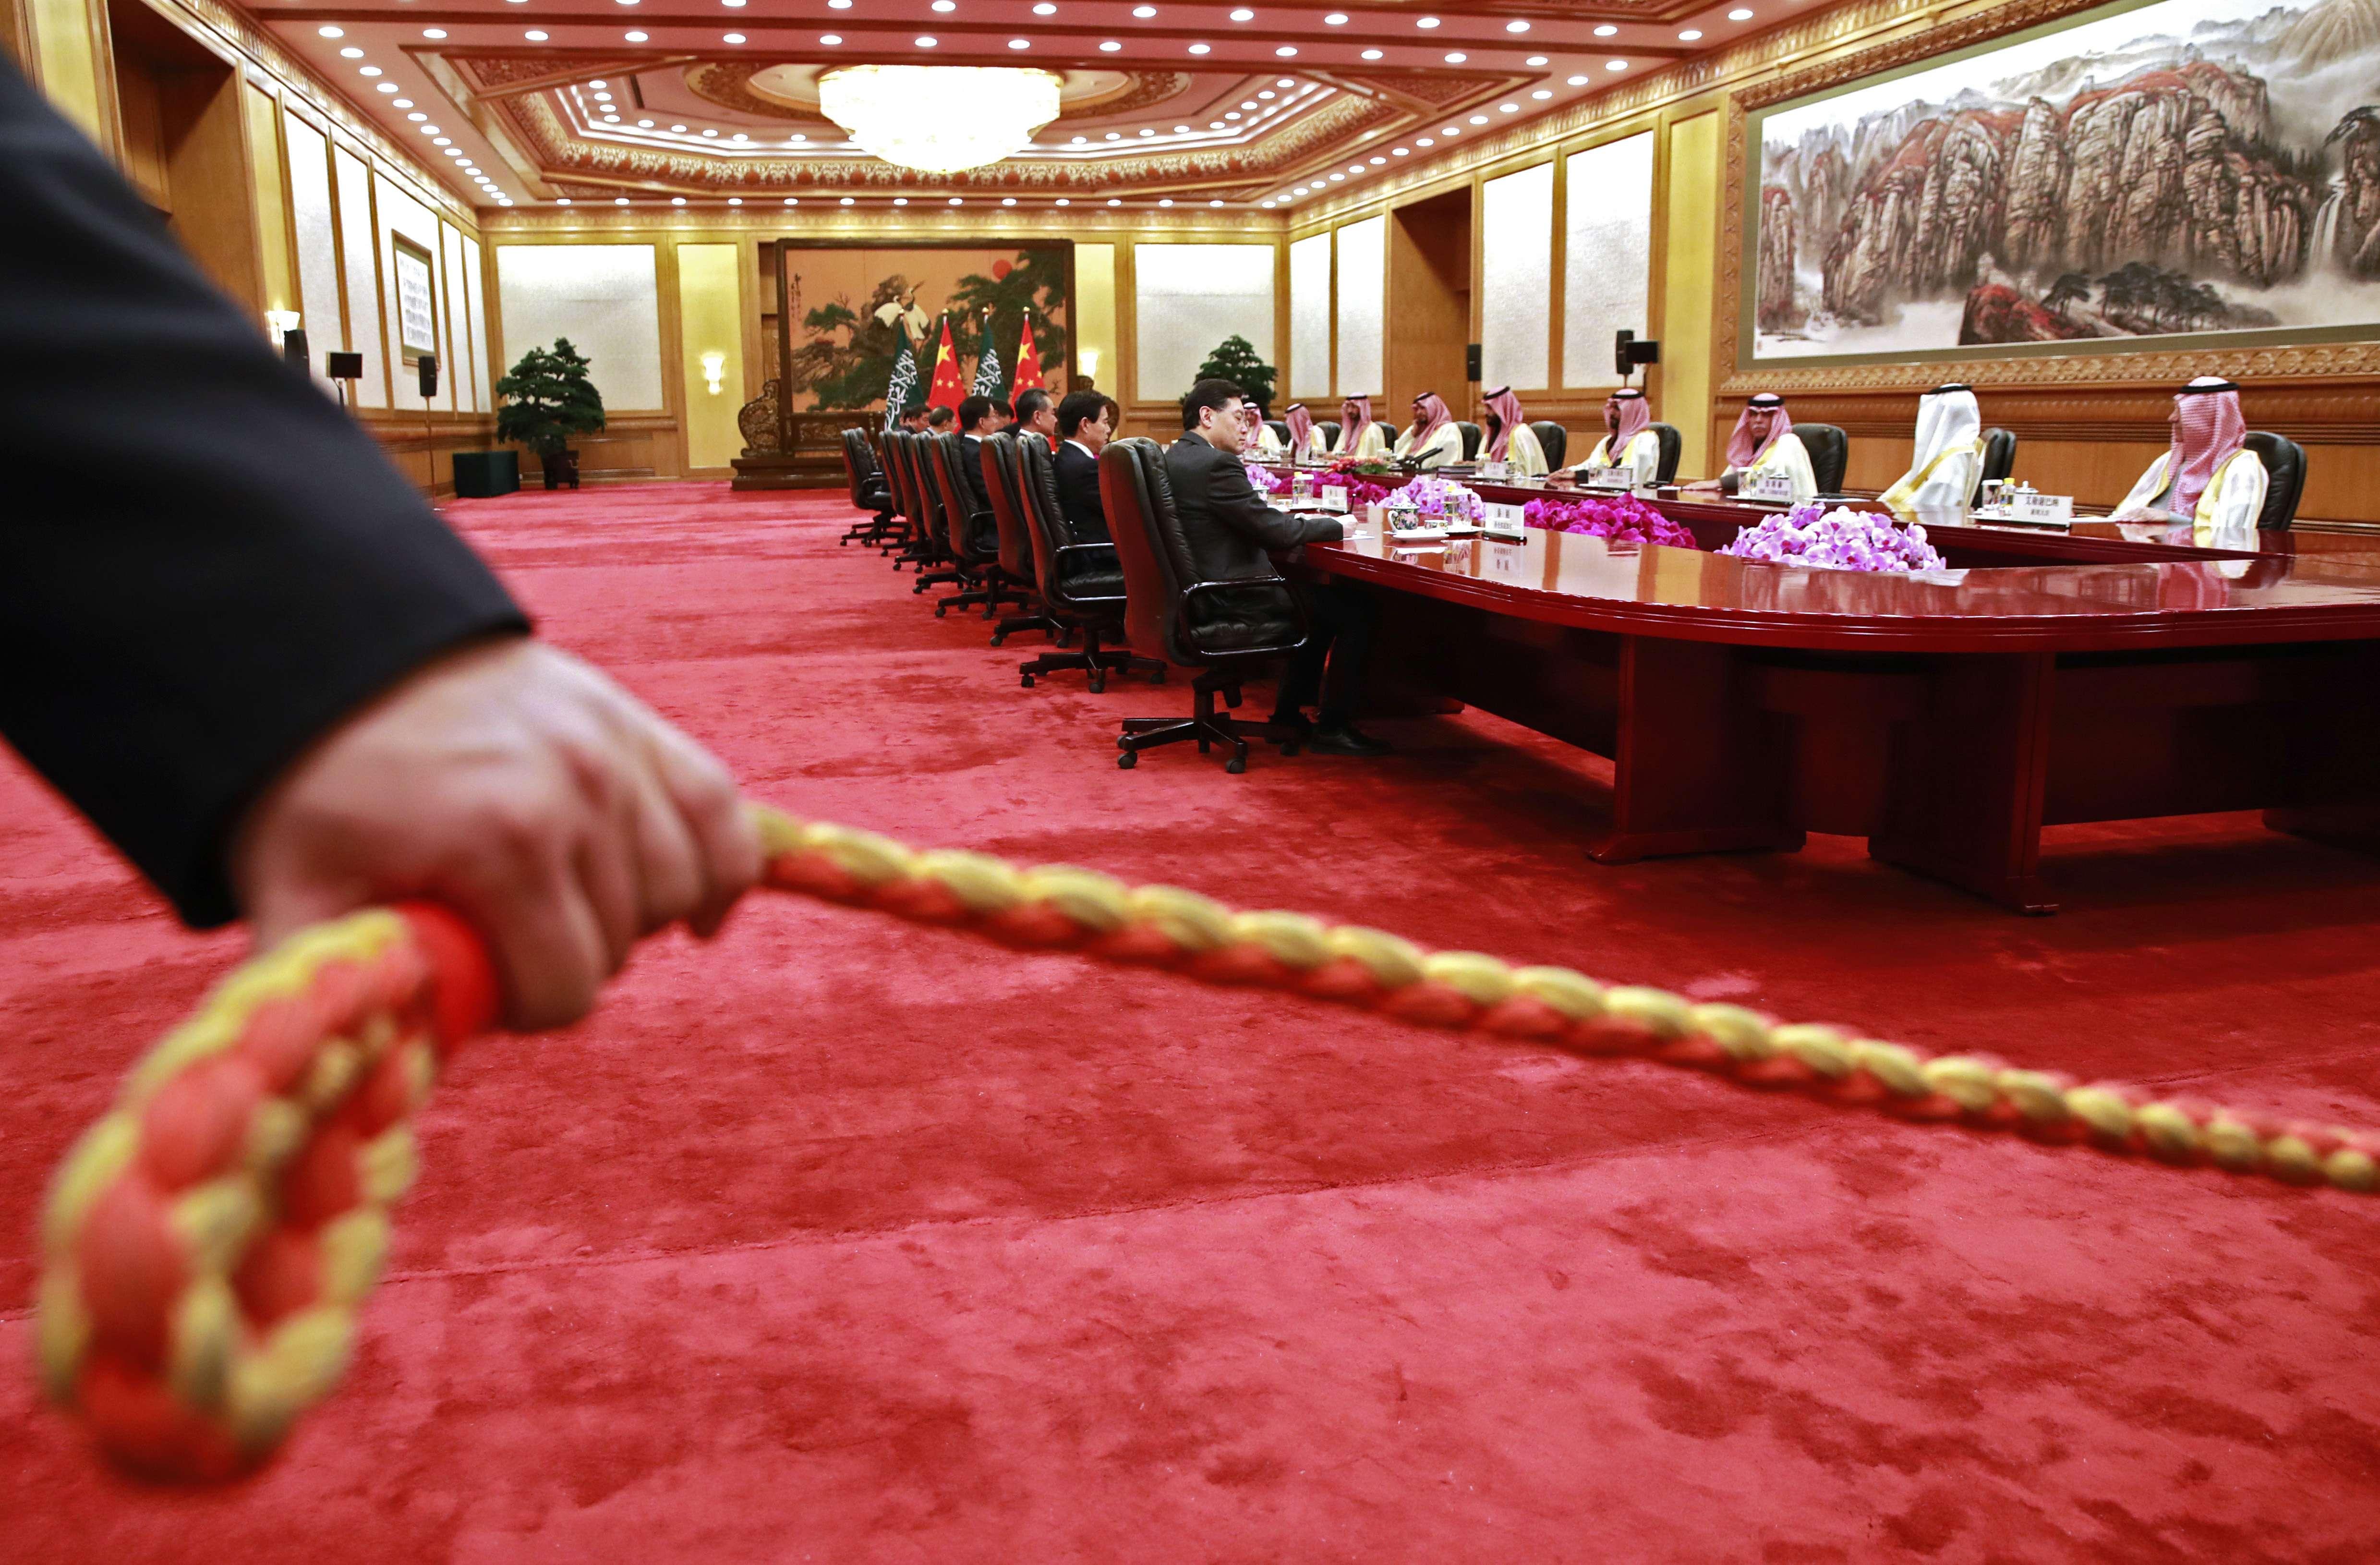 Un agent de sécurité tenant un cordon devant la réunion entre les plus hauts responsables chinois et saoudiens, en février 2019 à Pékin.